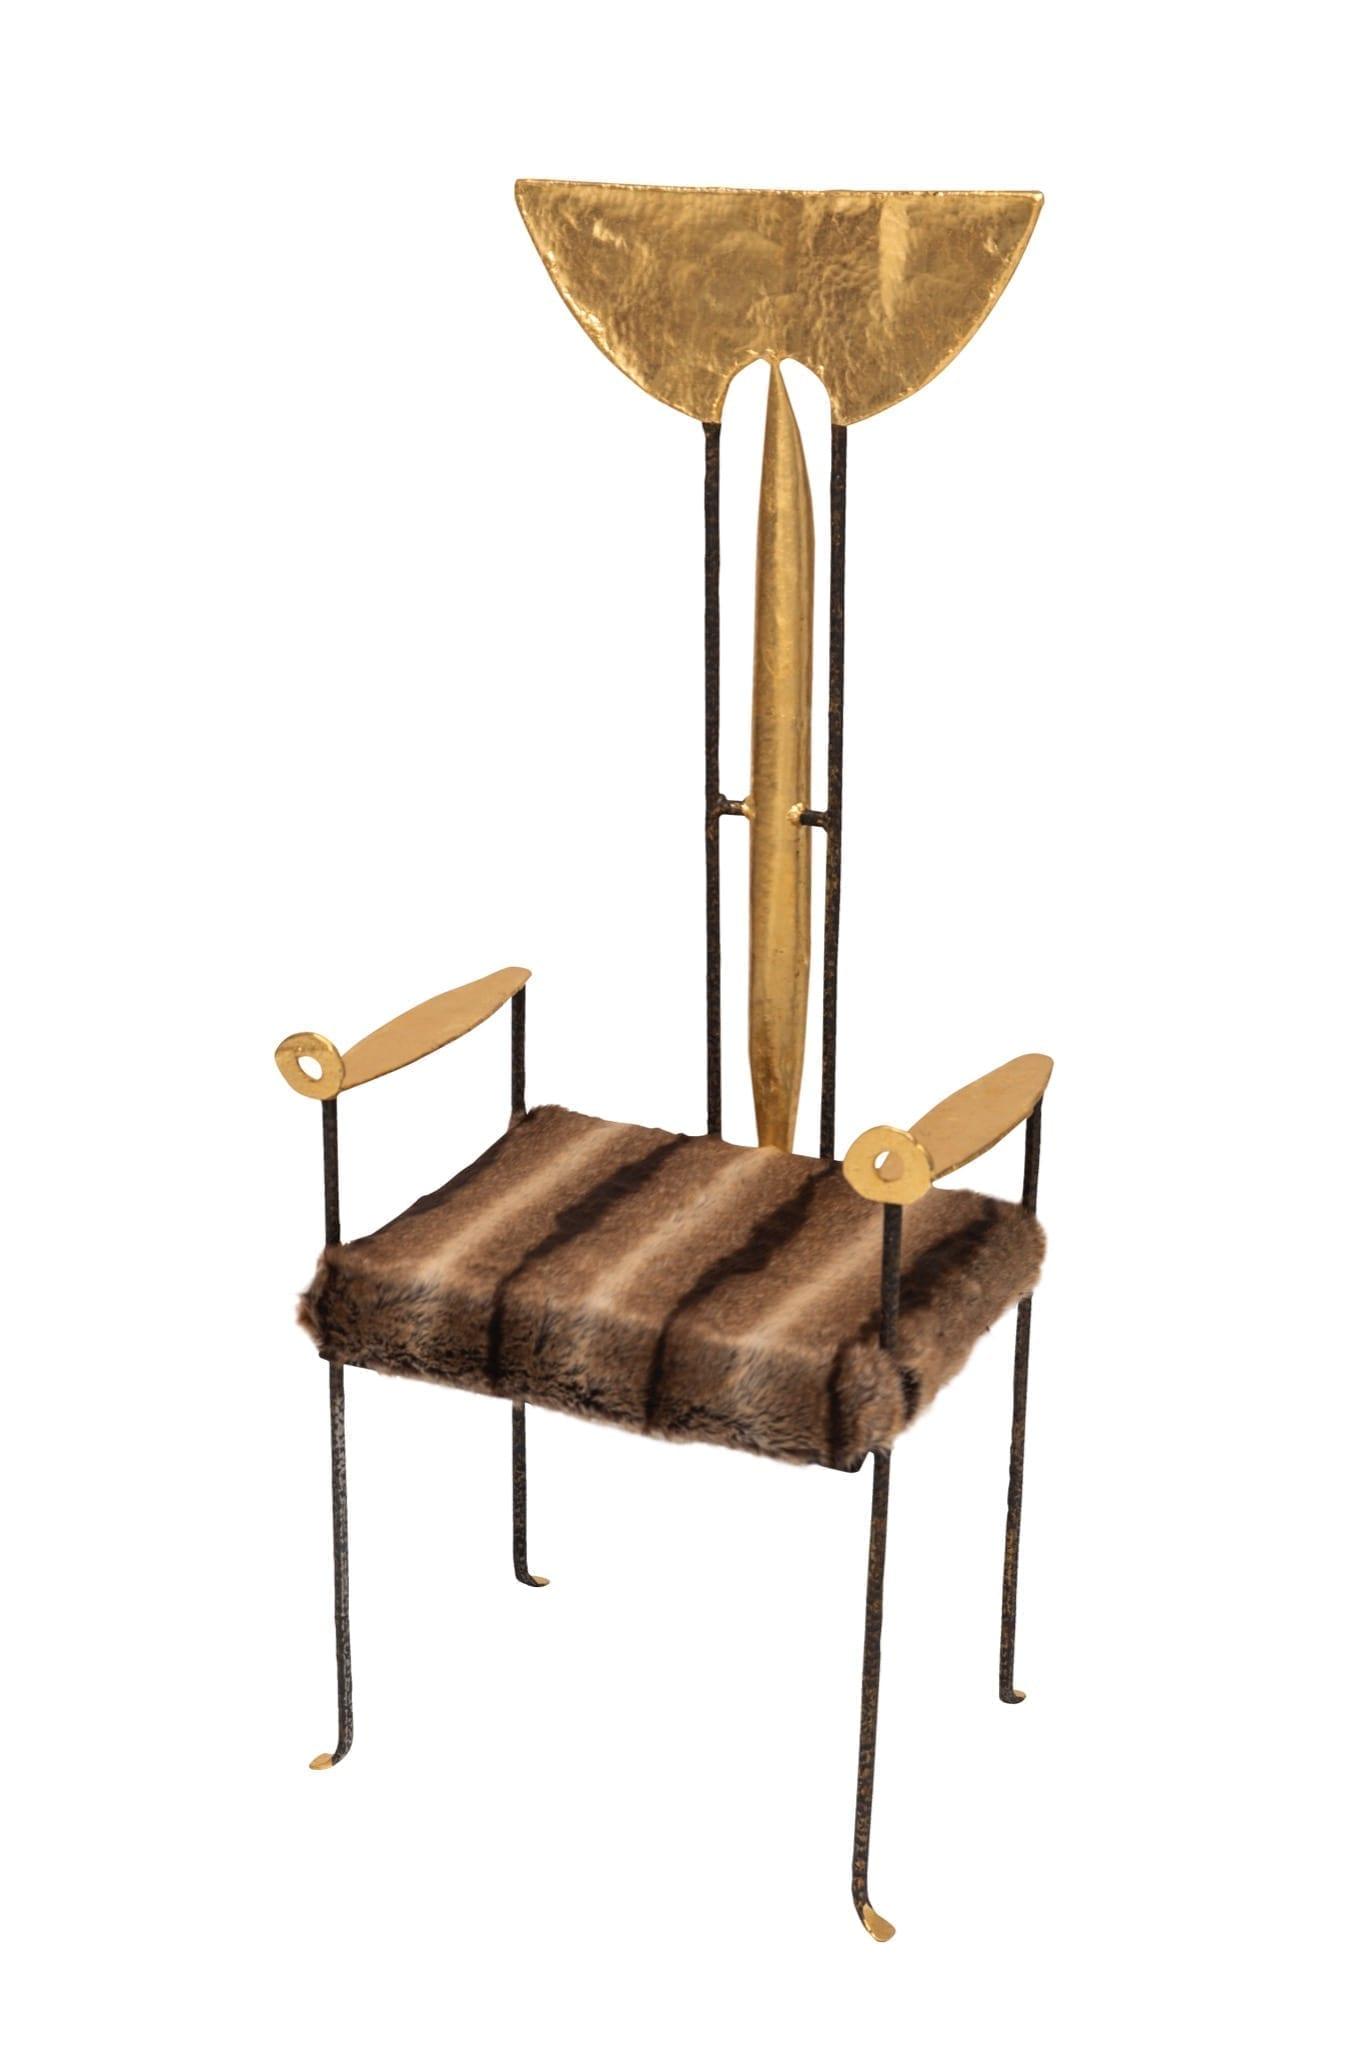 Scaun Zulu 2 copy - Piese de mobilier și decor unice la Marc Alexander Design